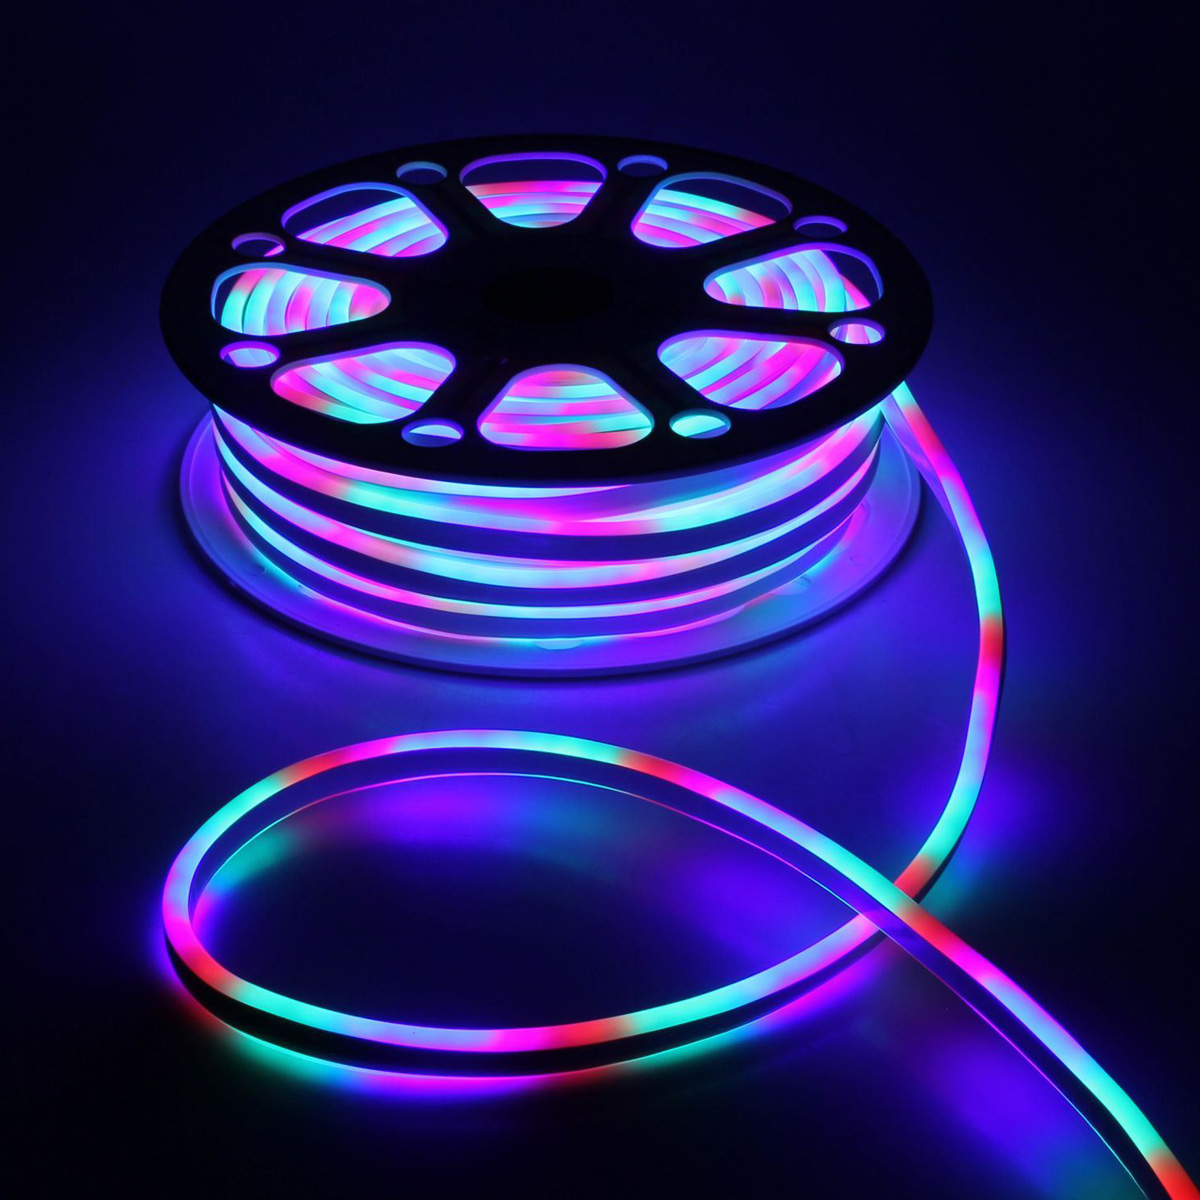 Гирлянда светодиодная Luazon, 120 ламп, 220 V, цвет: мультиколор, 0,8 см х 1,8 см х 25 м. 1431284677989Светодиодные гирлянды, ленты и т.д — это отличный вариант для новогоднего оформления интерьера или фасада. С их помощью помещение любого размера можно превратить в праздничный зал, а внешние элементы зданий, украшенные ими, мгновенно станут напоминать очертания сказочного дворца. Такие украшения создают ауру предвкушения чуда. Деревья, фасады, витрины, окна и арки будто специально созданы, чтобы вы украсили их светящимися нитями.